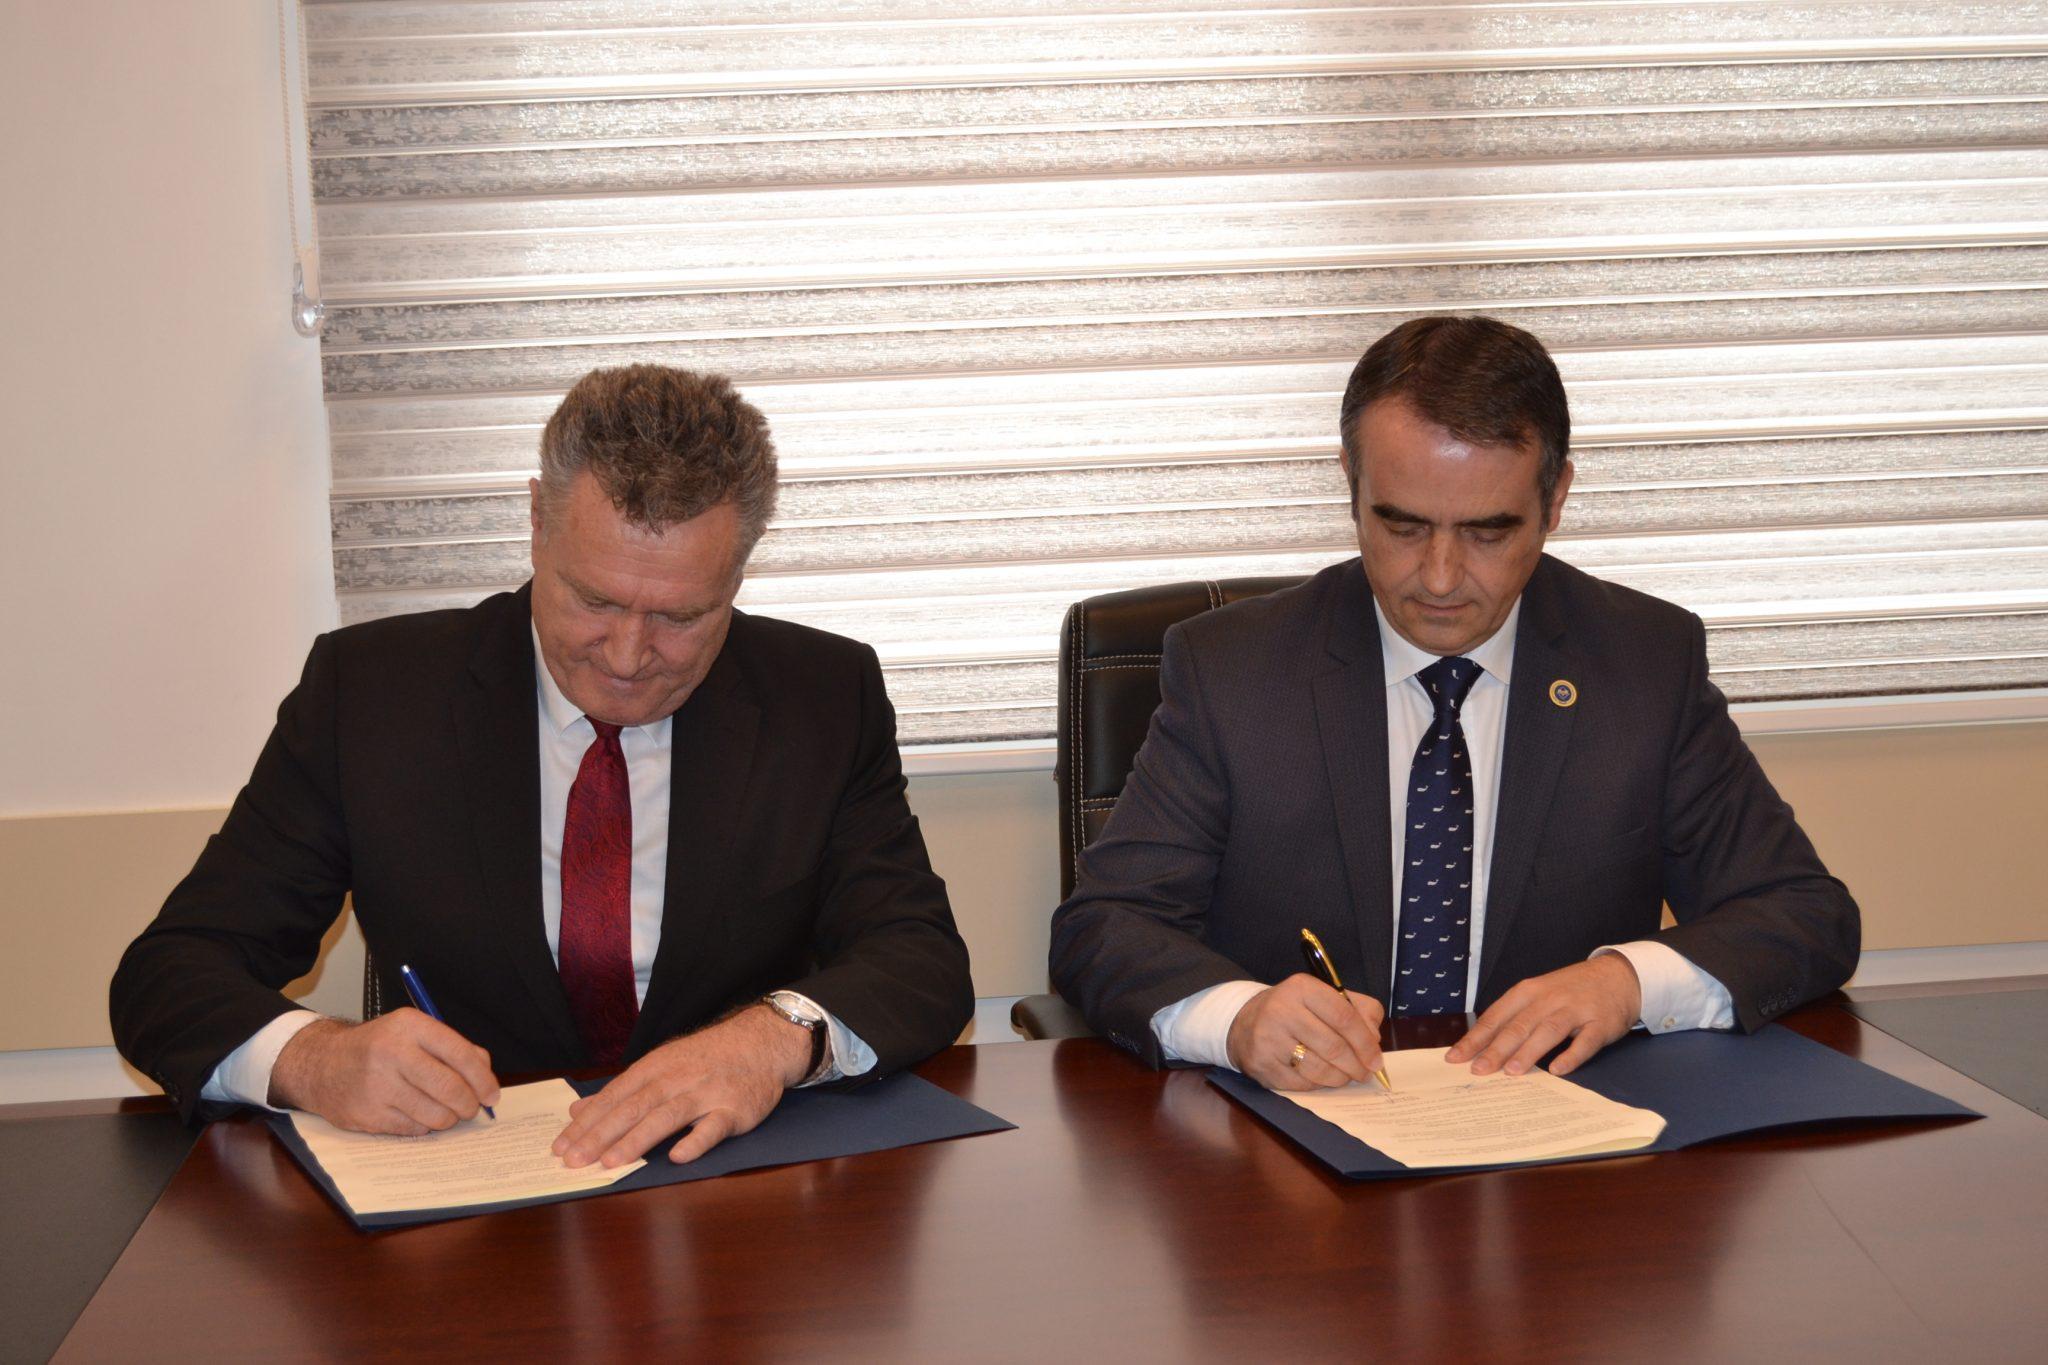 Marrëveshje bashkëpunimi me Koordinatorin Nacional për Kulturë, Rini dhe Sport